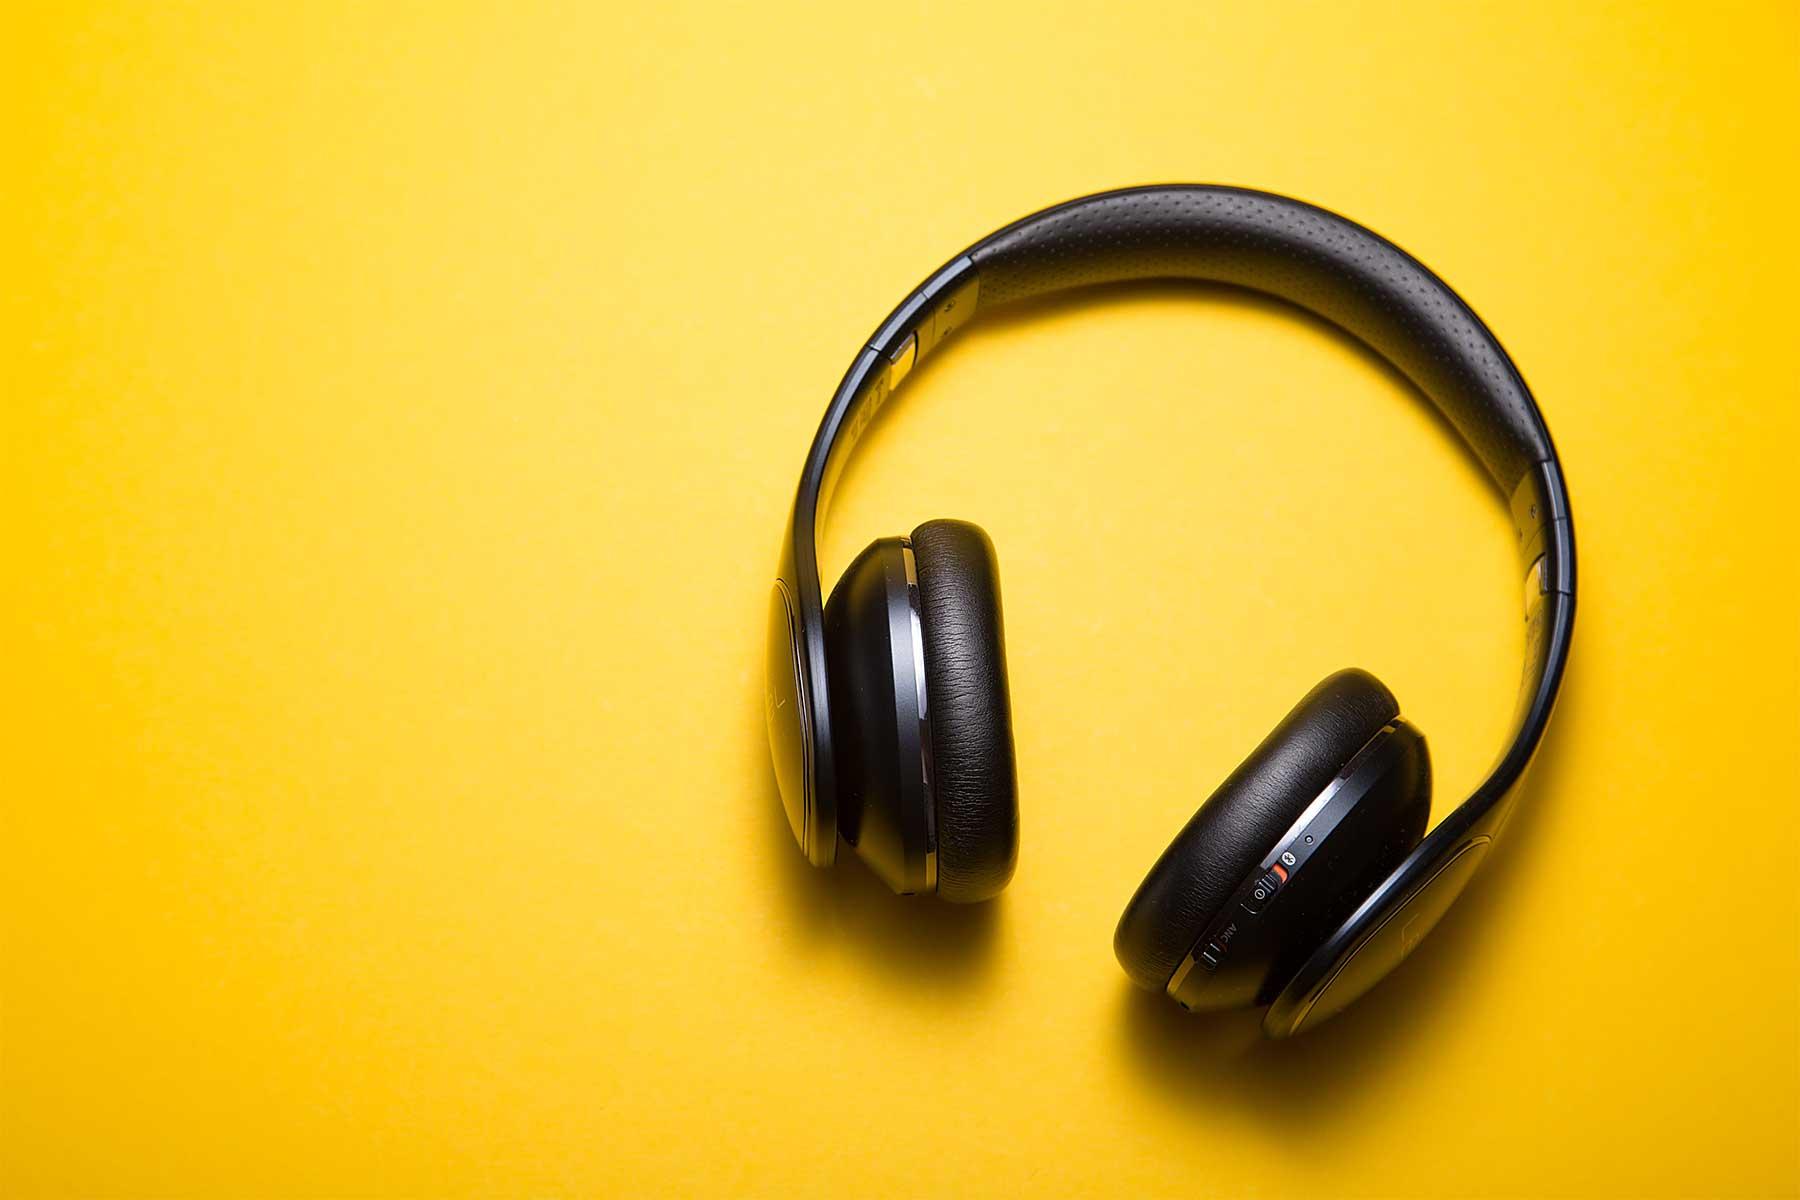 Coronavirus: Musikquiz gemeinsam mit Freunden per Skype/Zoom machen musikquiz-selbst-gemeinsam-per-skype-zoom-machen